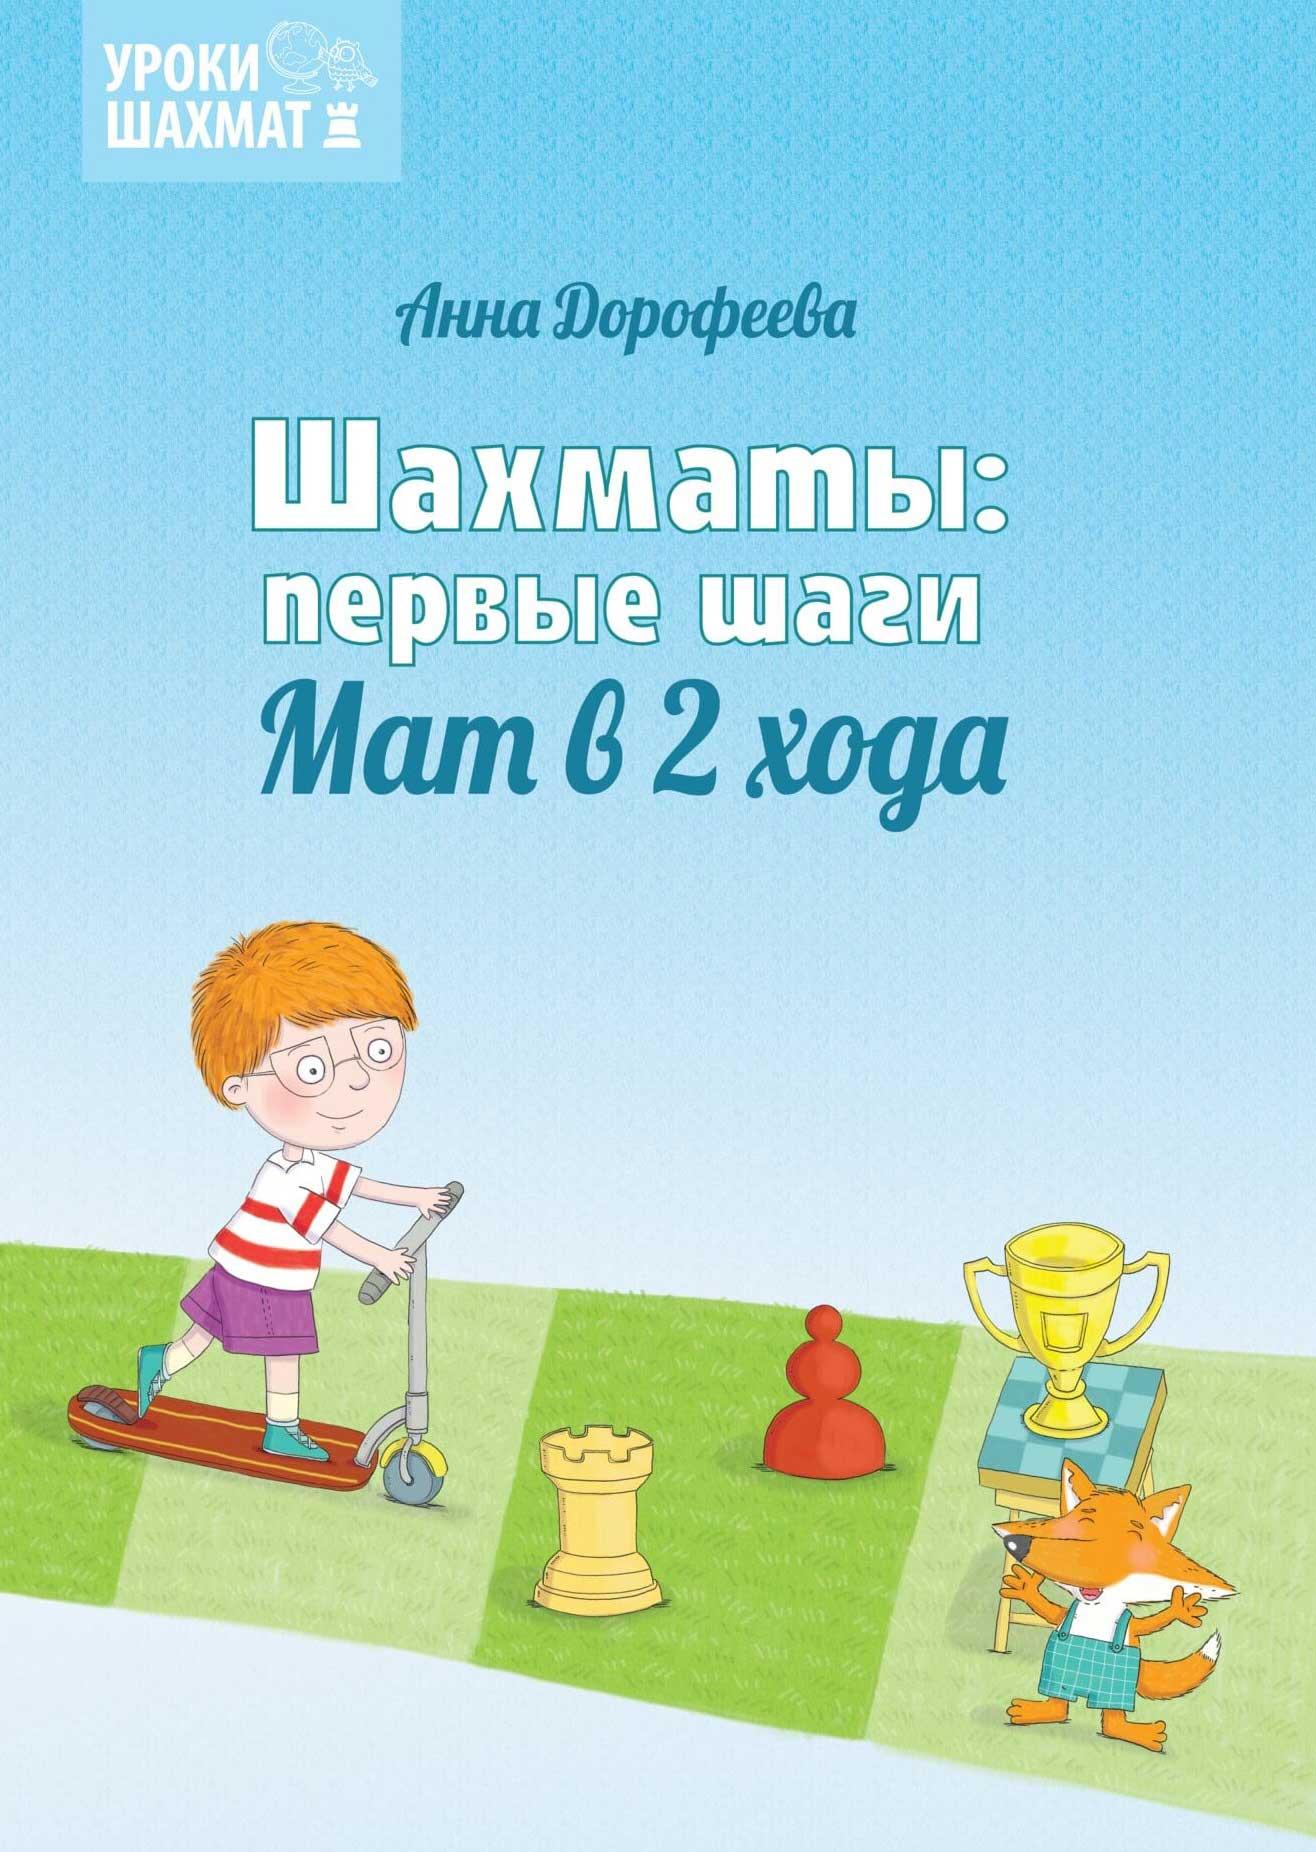 Анна Дорофеева. Шахматы: первые шаги. Мат в 2 хода